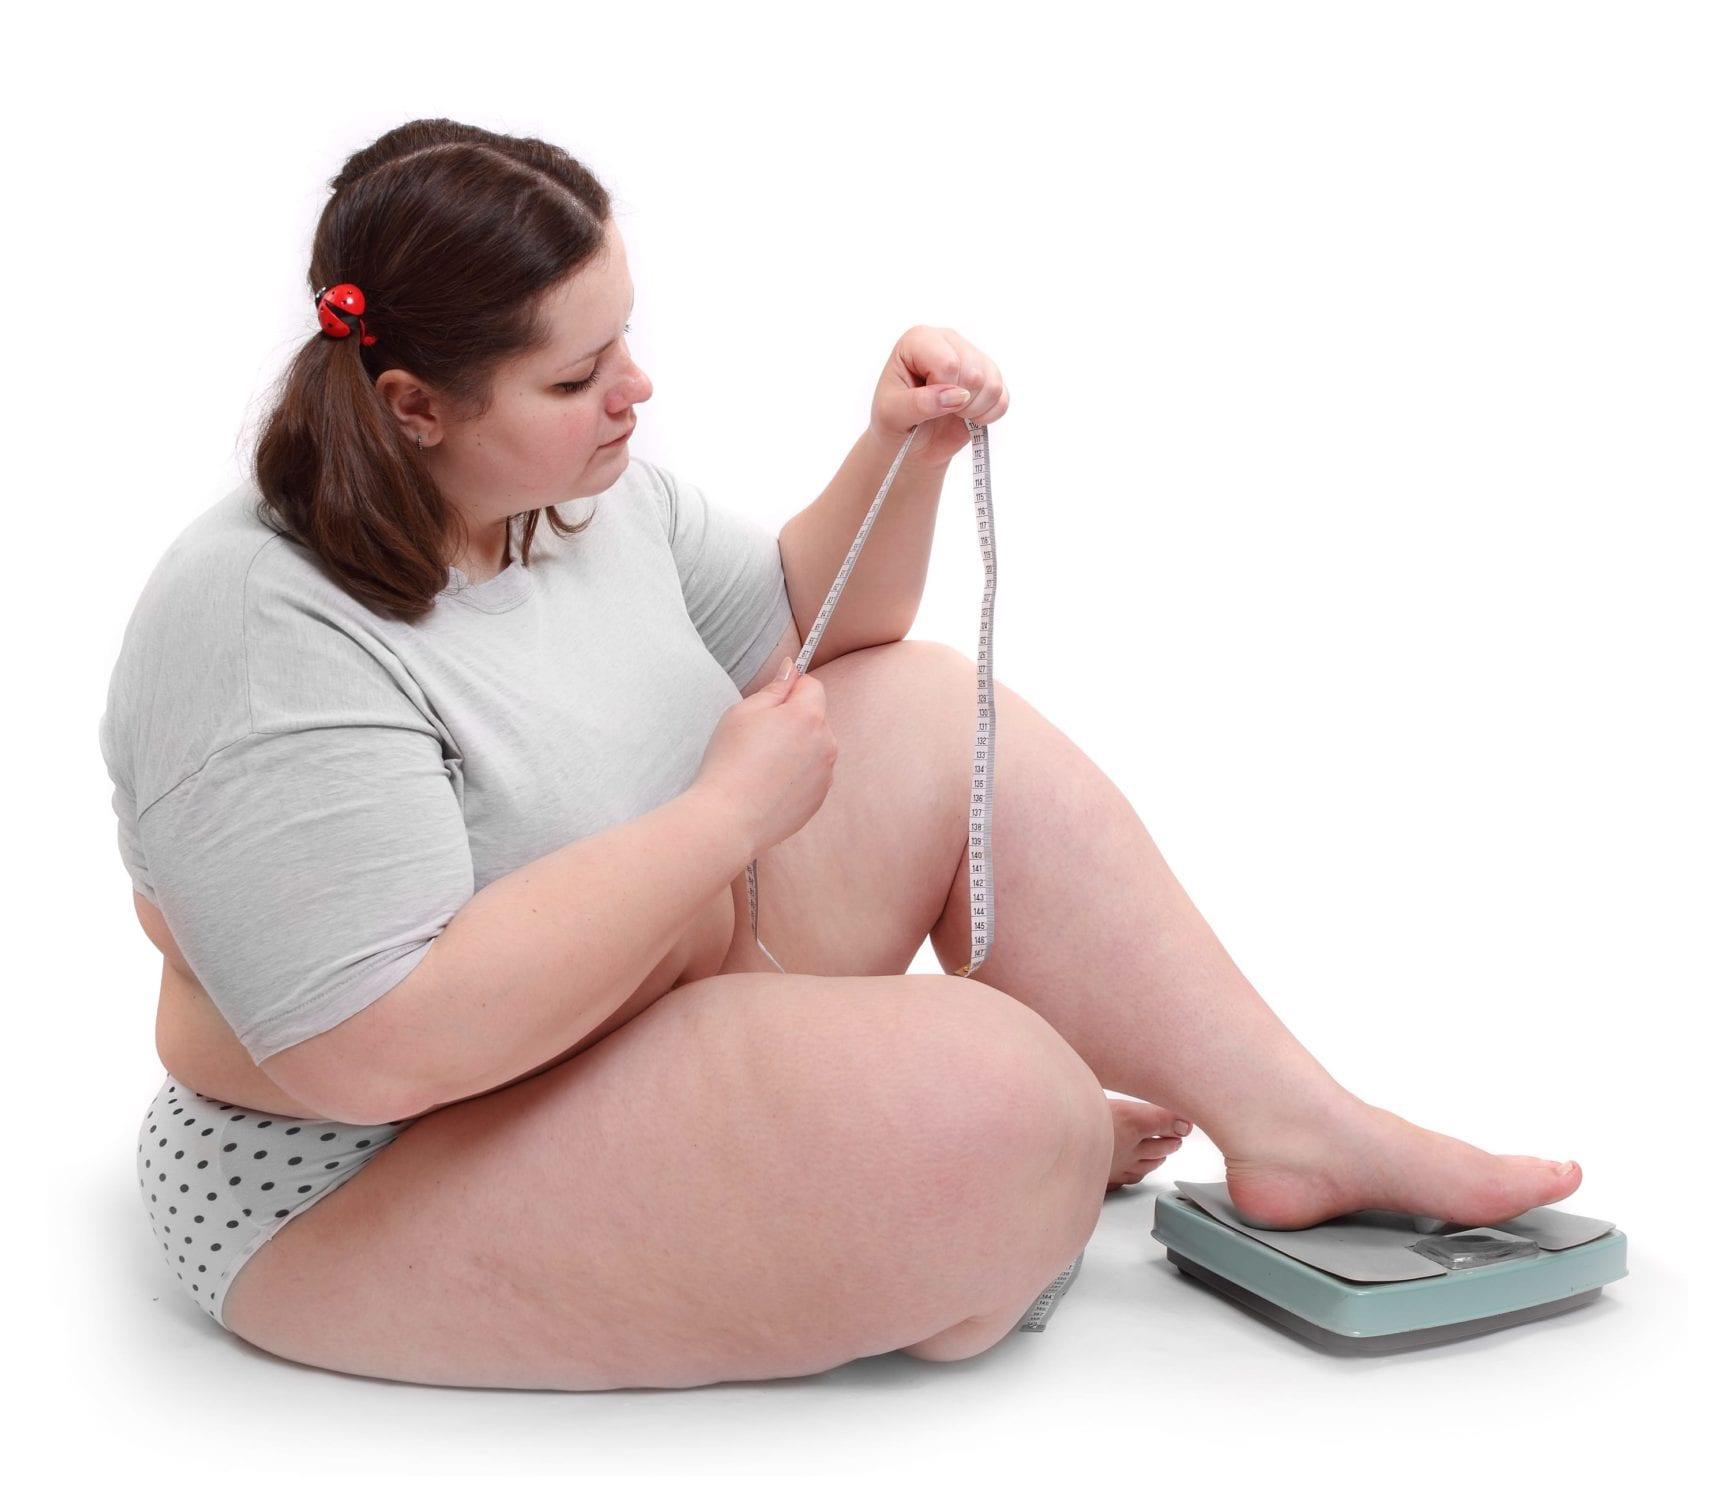 Города, смешные картинки девушка-весы